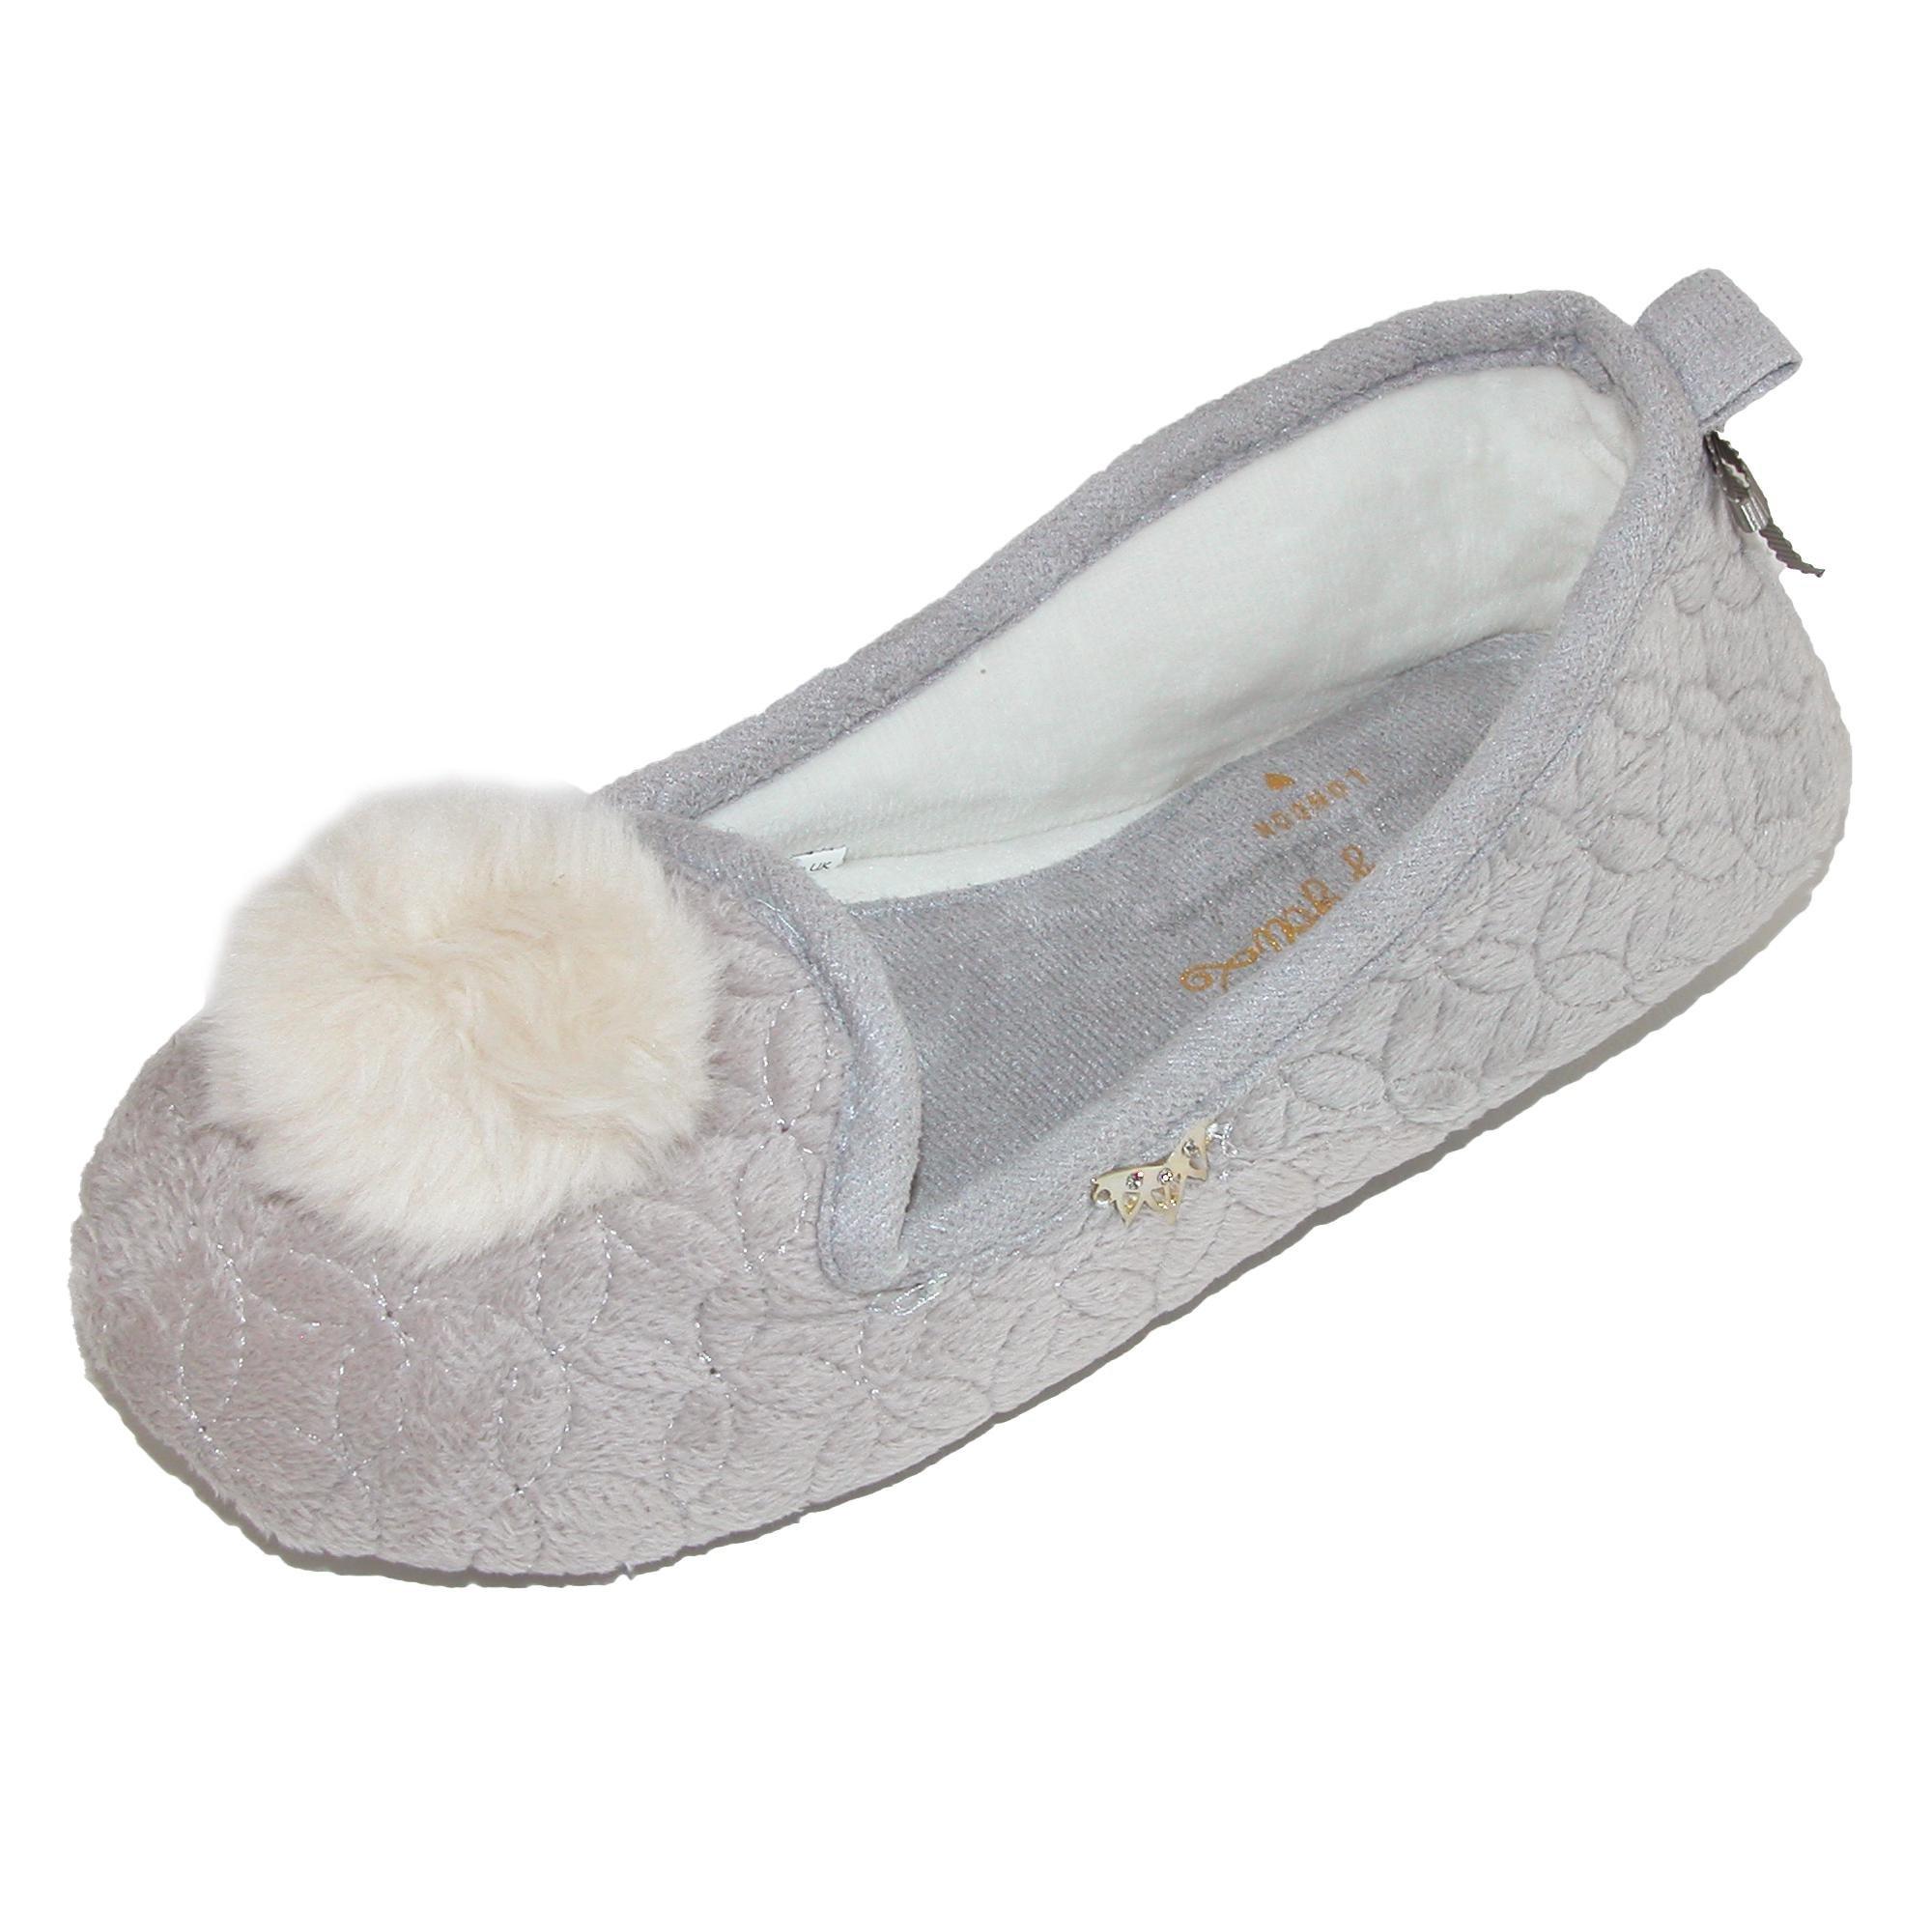 Pretty You London Women's Footwear Ballerina Pom Pom Slippers - Meryl Mocha (Large (US 8-9))